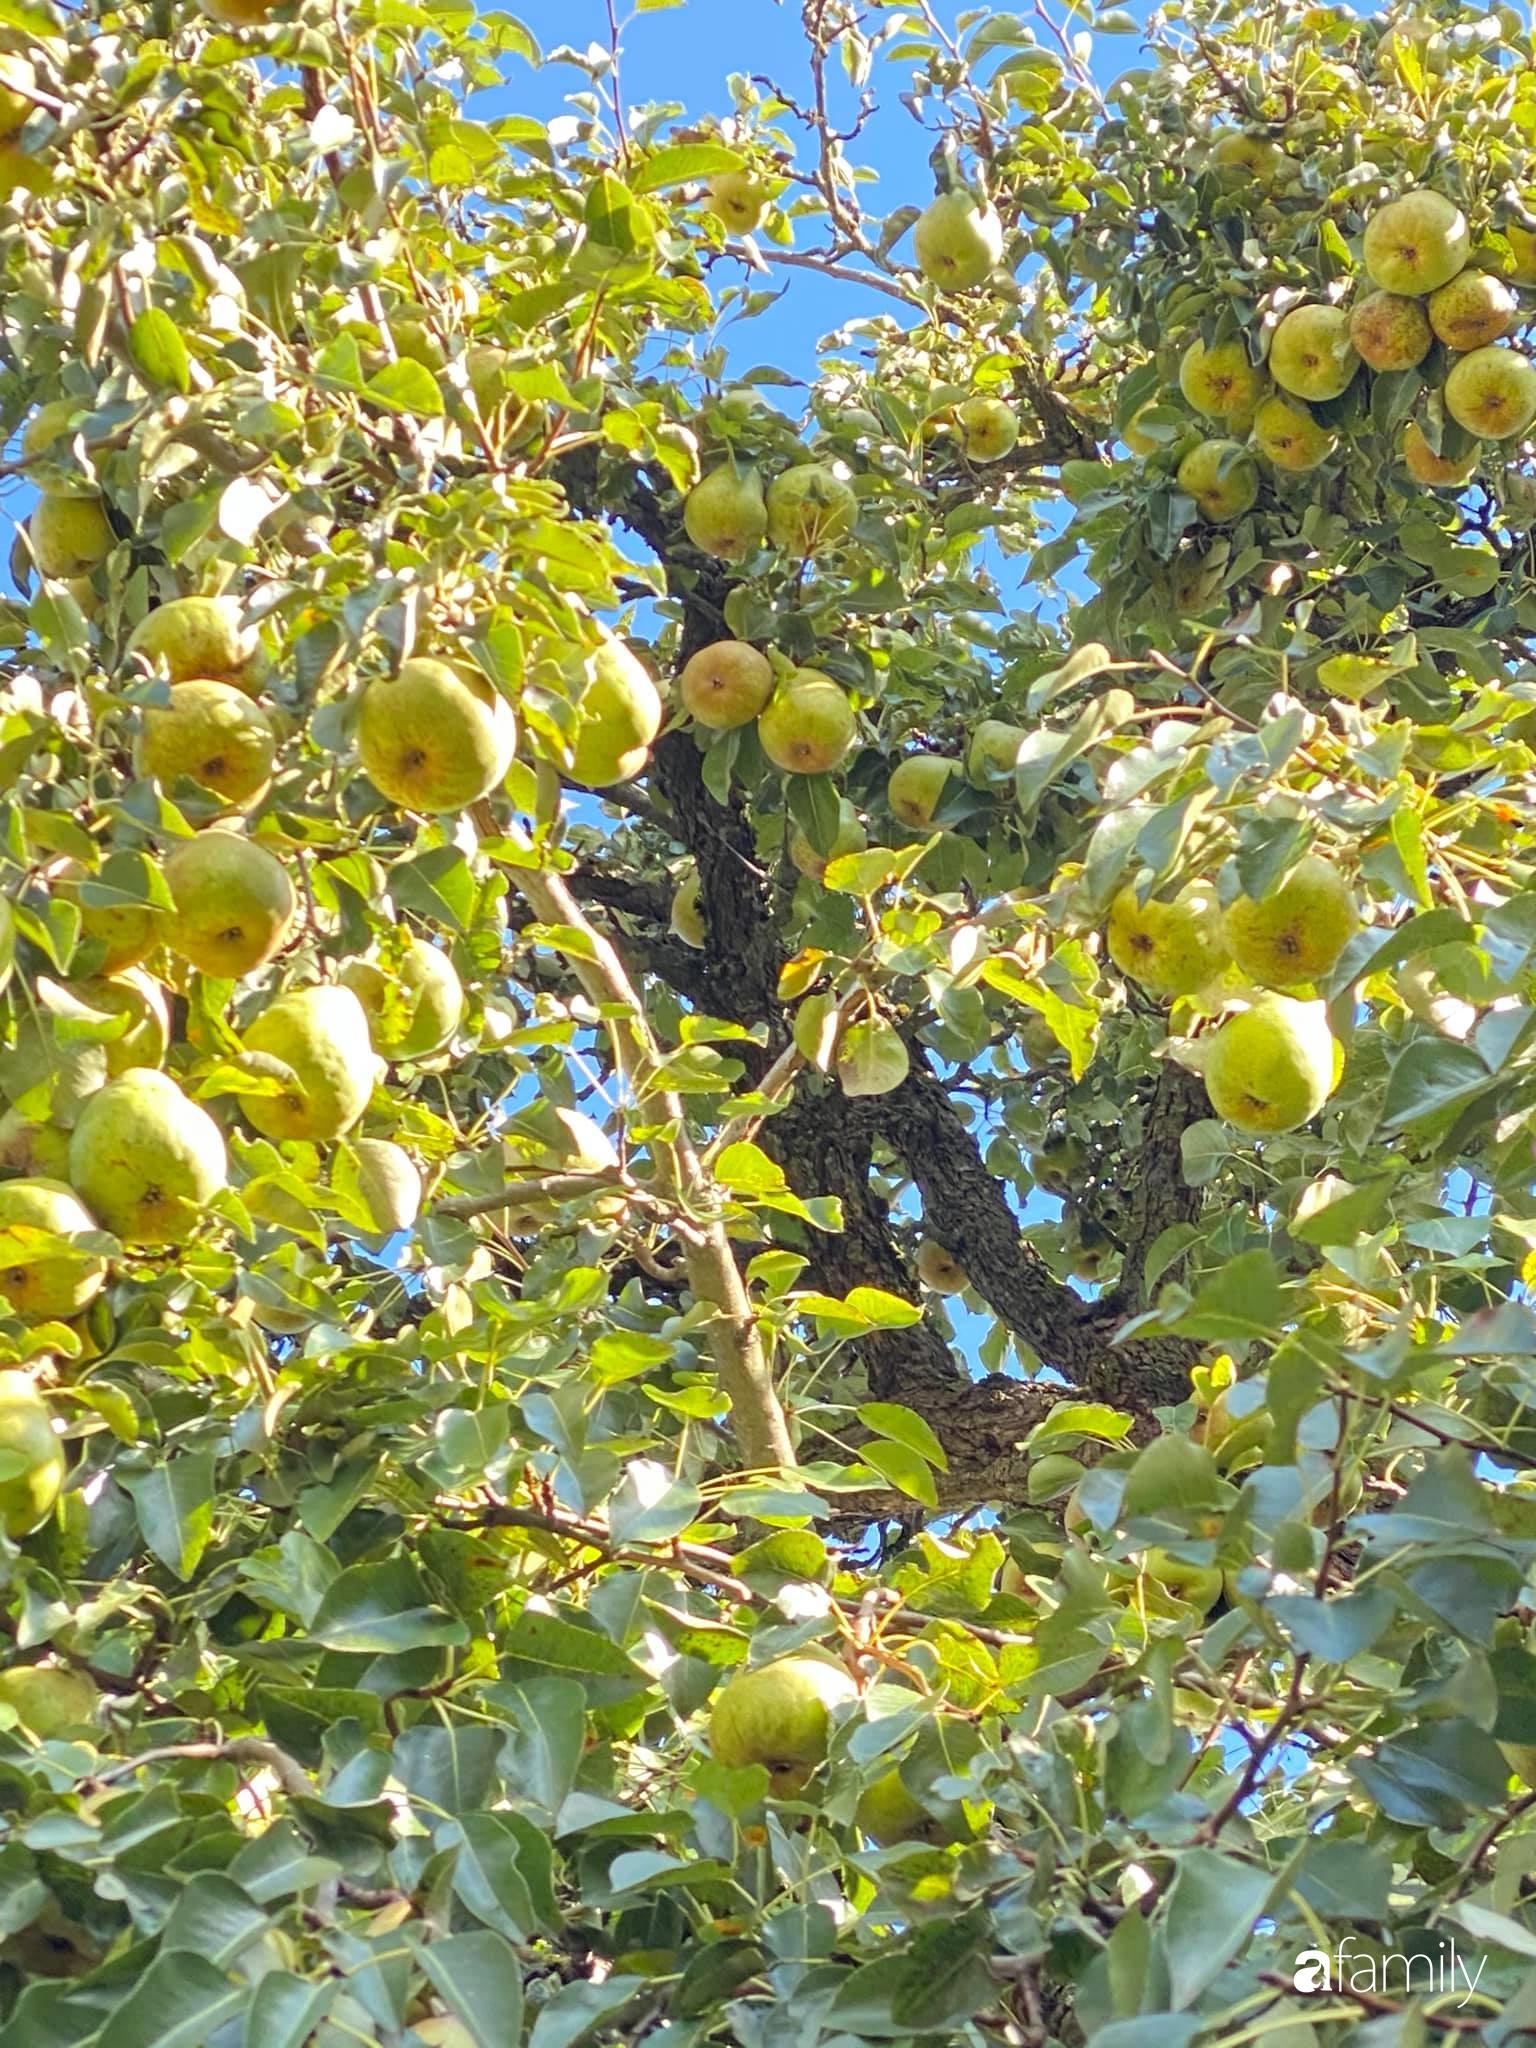 Khu vườn 200m² quanh năm xanh tươi với đủ loại rau quả sạch của mẹ Việt ở Đức - Ảnh 10.